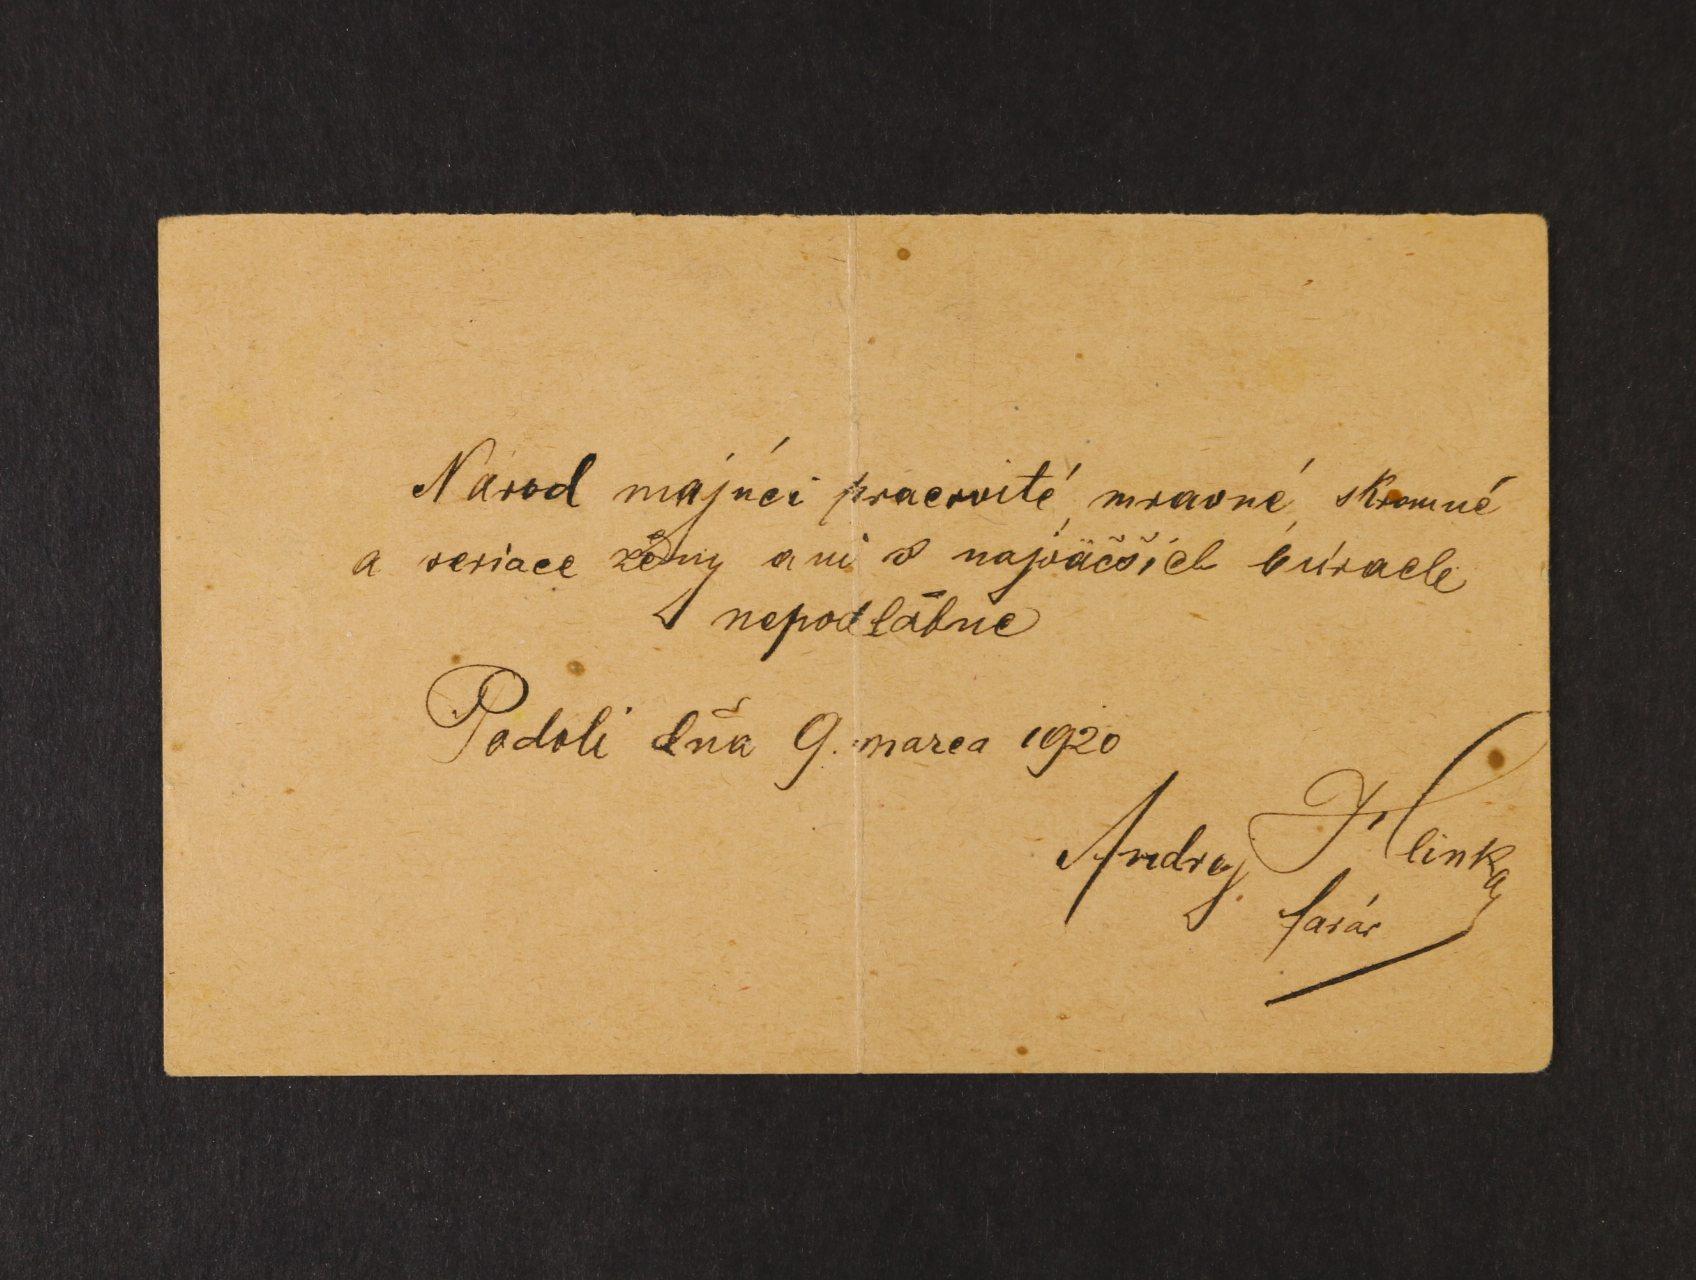 Hlinka Andrej 1864 - 1938, slovenský kněz, politik, zakladatel Hlinkovy ludové strany - KL s dvouřádkovým textem a vlastnoručním podpisem